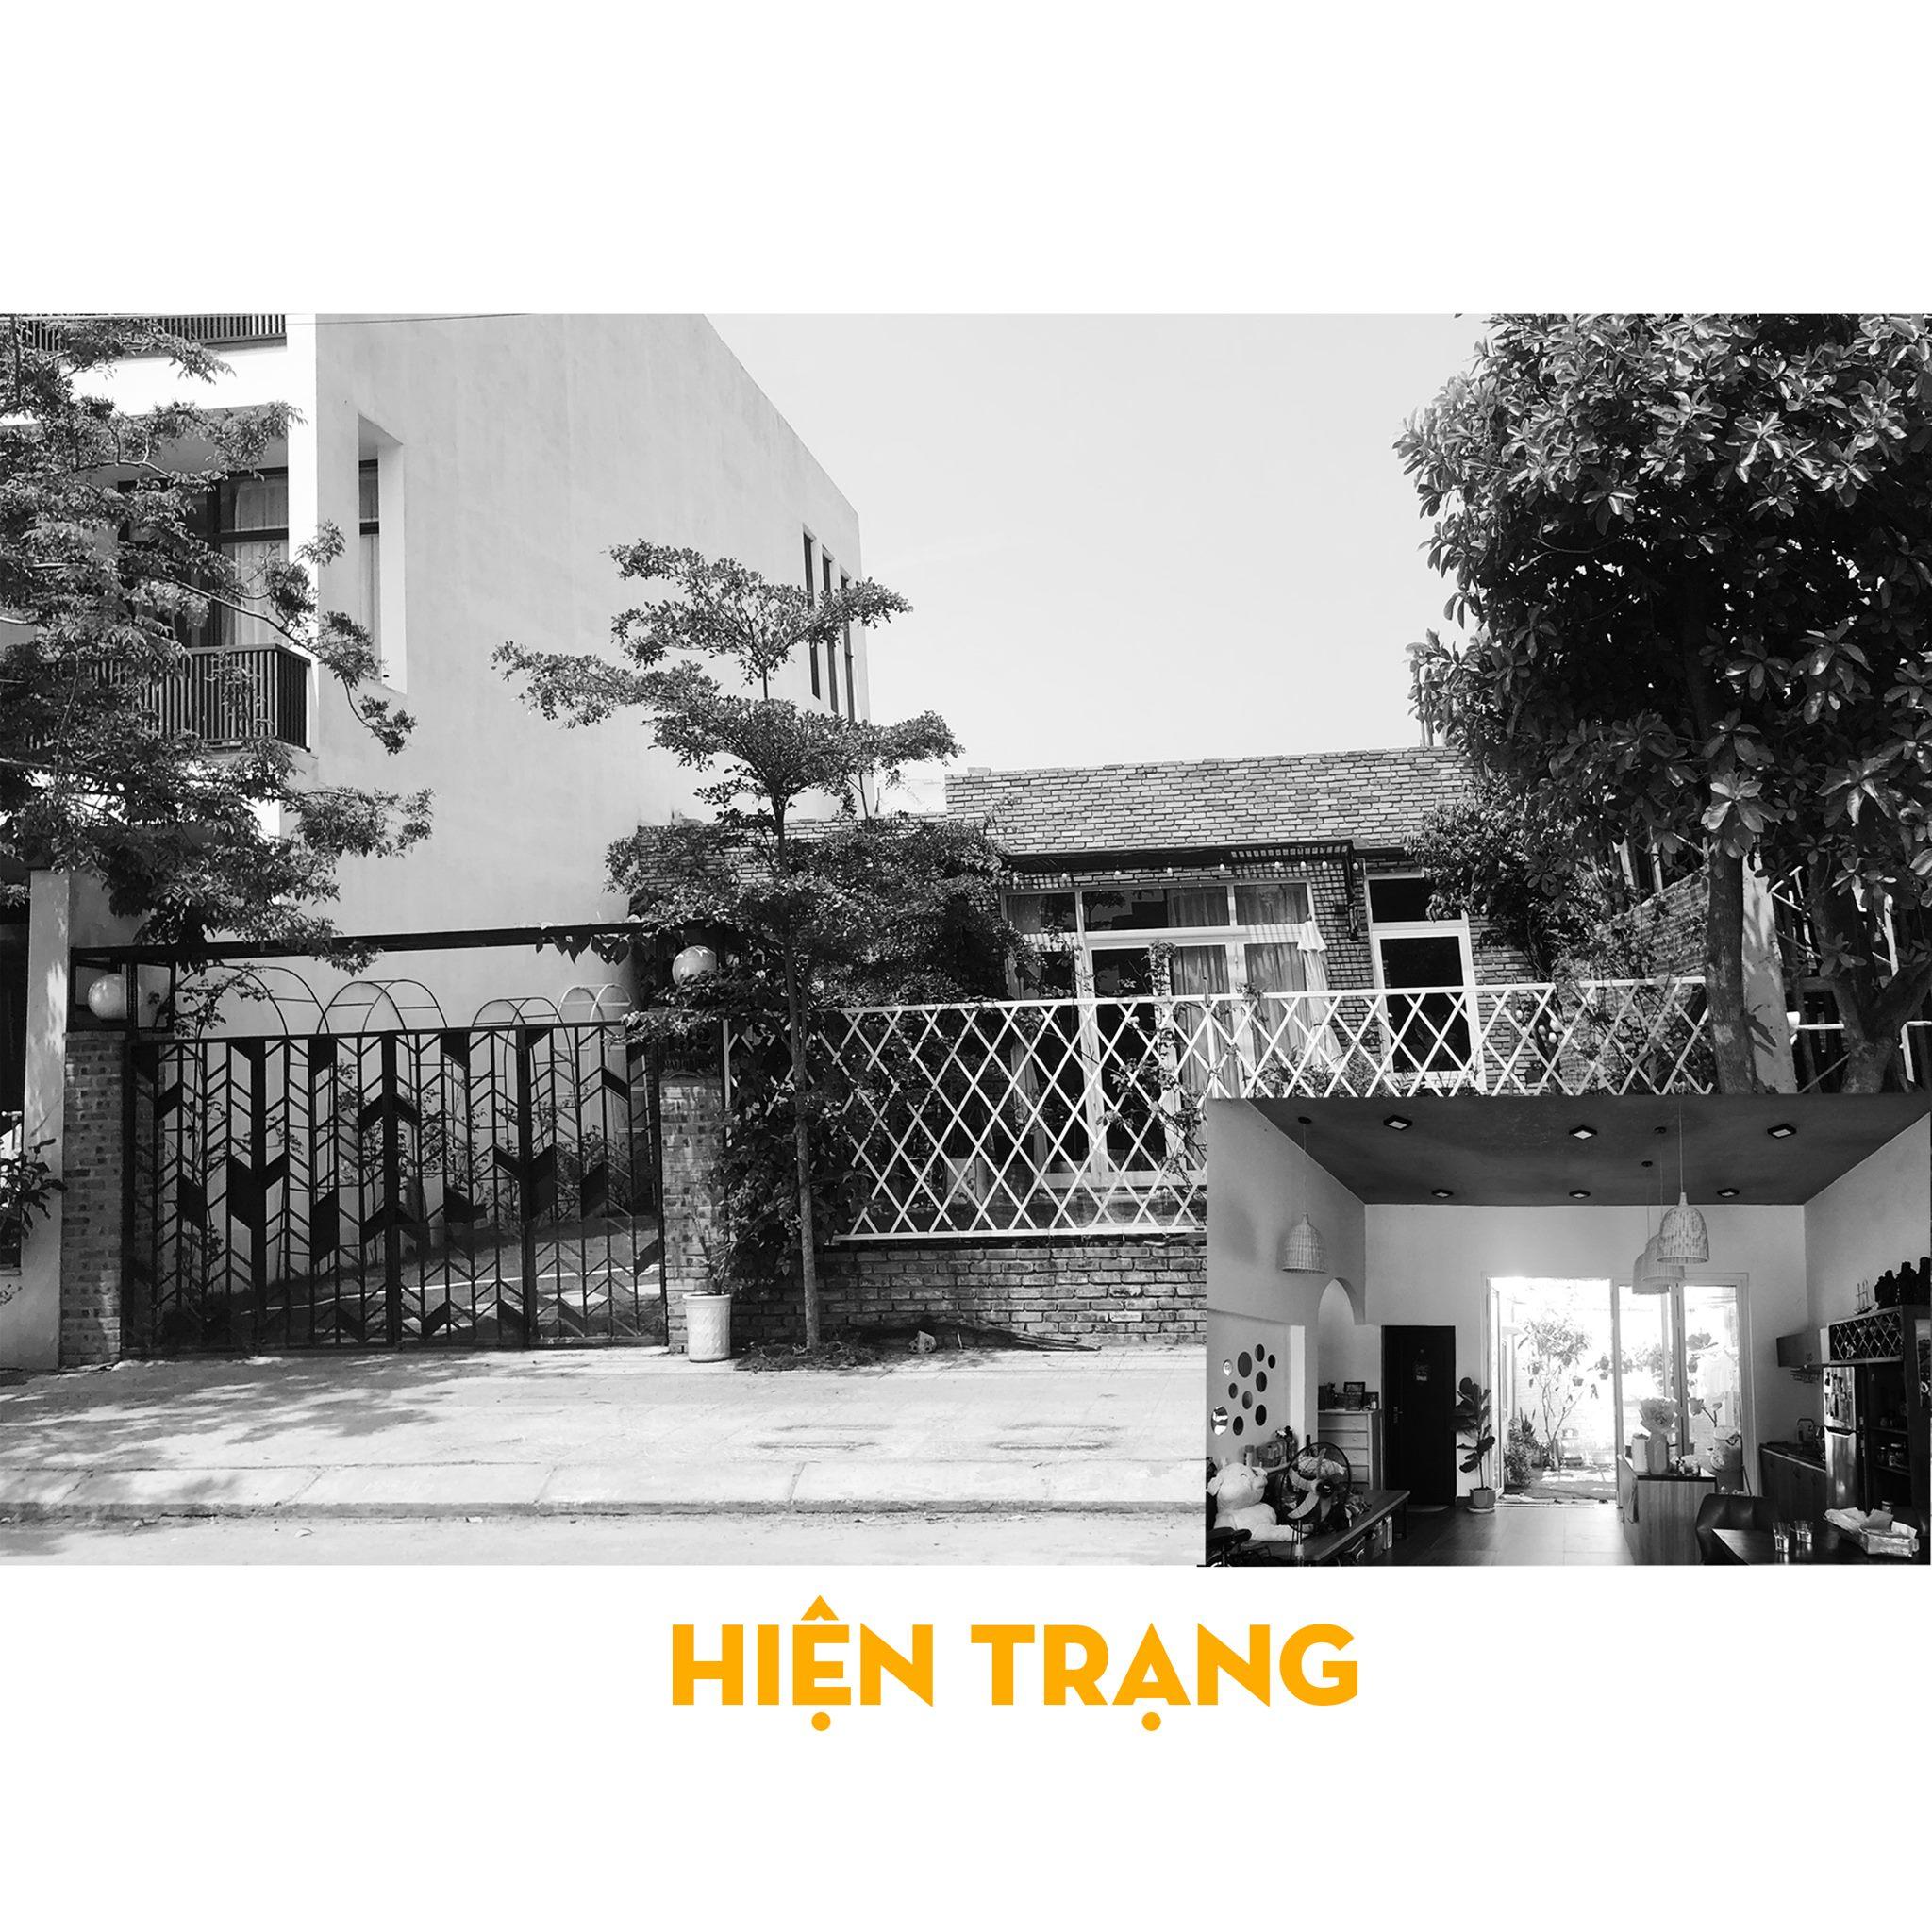 Cải Tạo Nhà Cấp 4 Ở Đà Nẵng